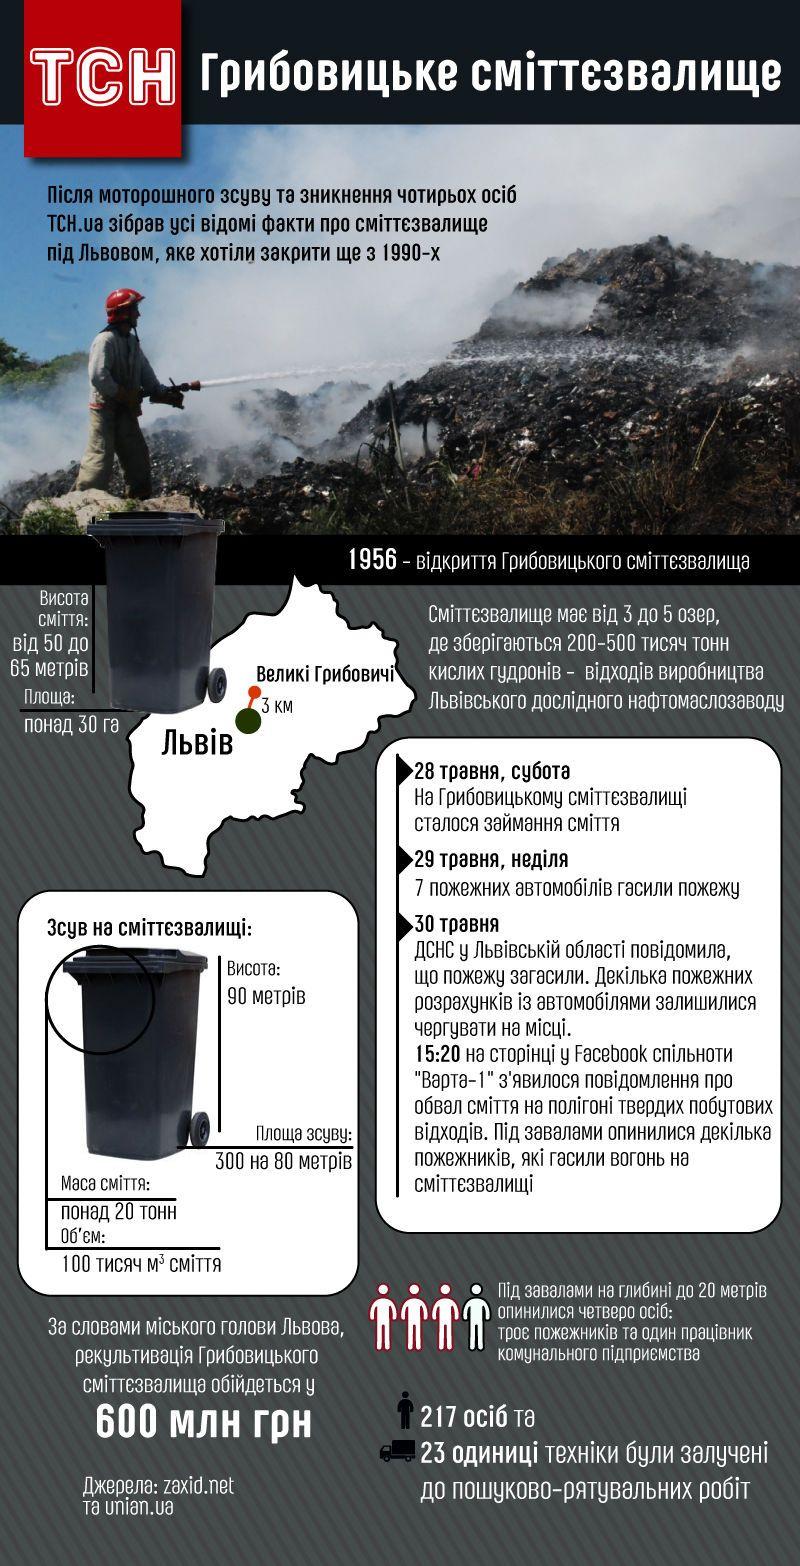 Грибовицьке сміттєзвалище, інфографіка